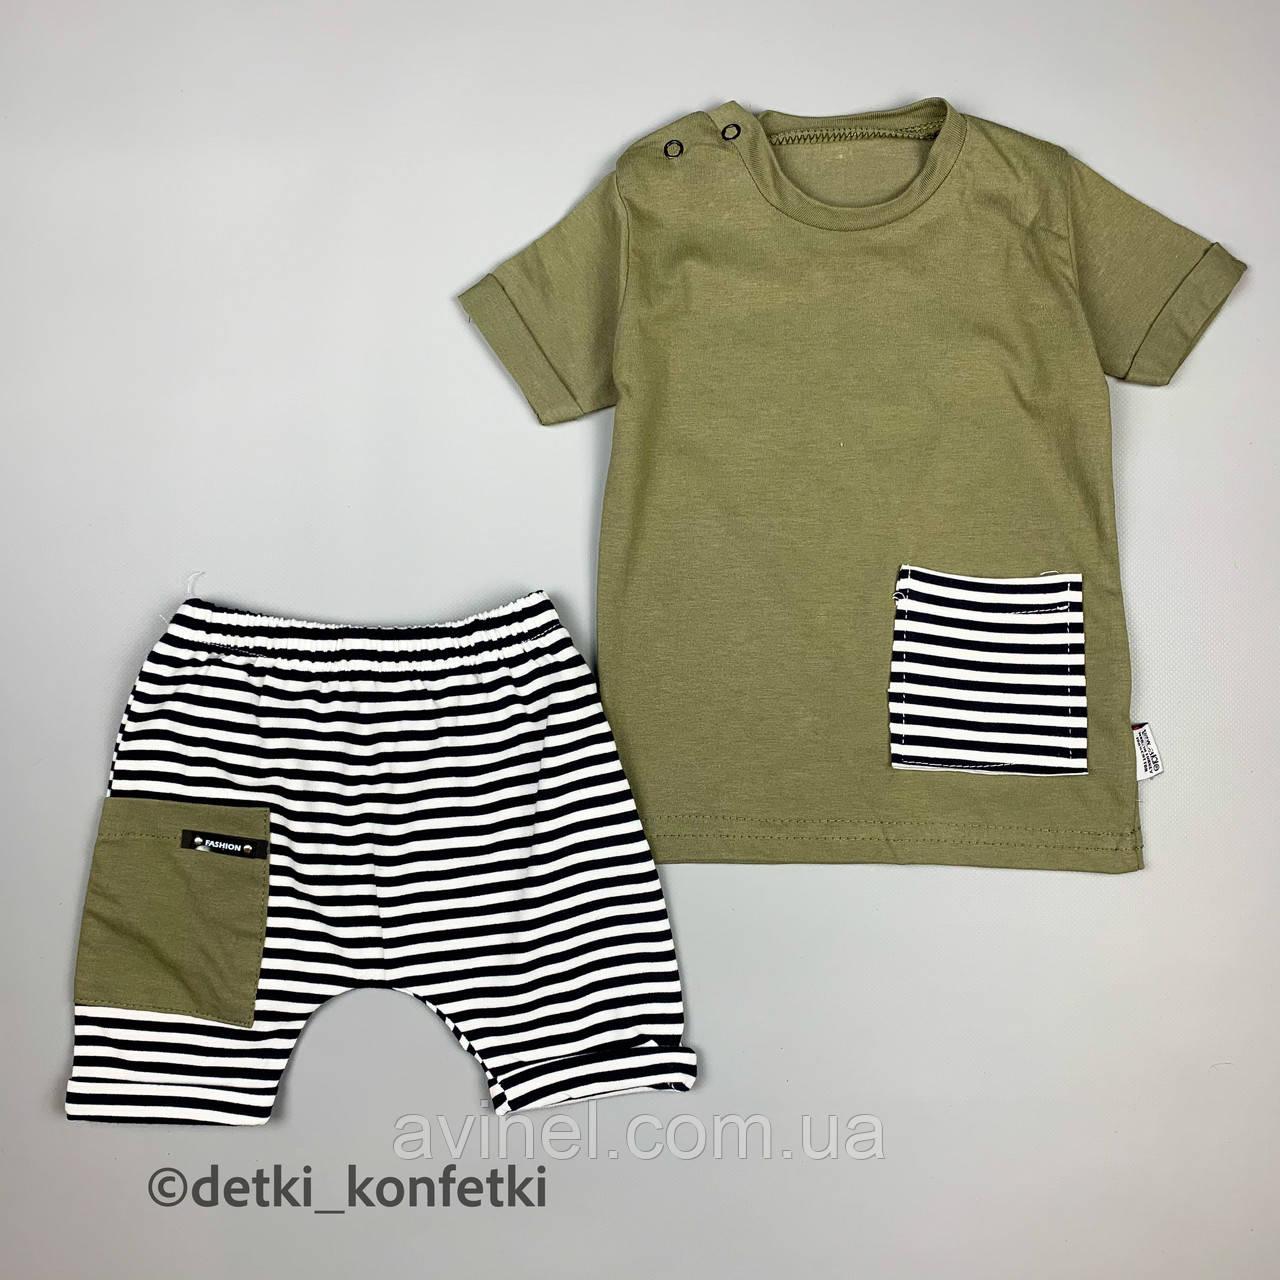 Комплект футболка, шорты Хаки Интерлок Murat baby Турция 74 (р) 86